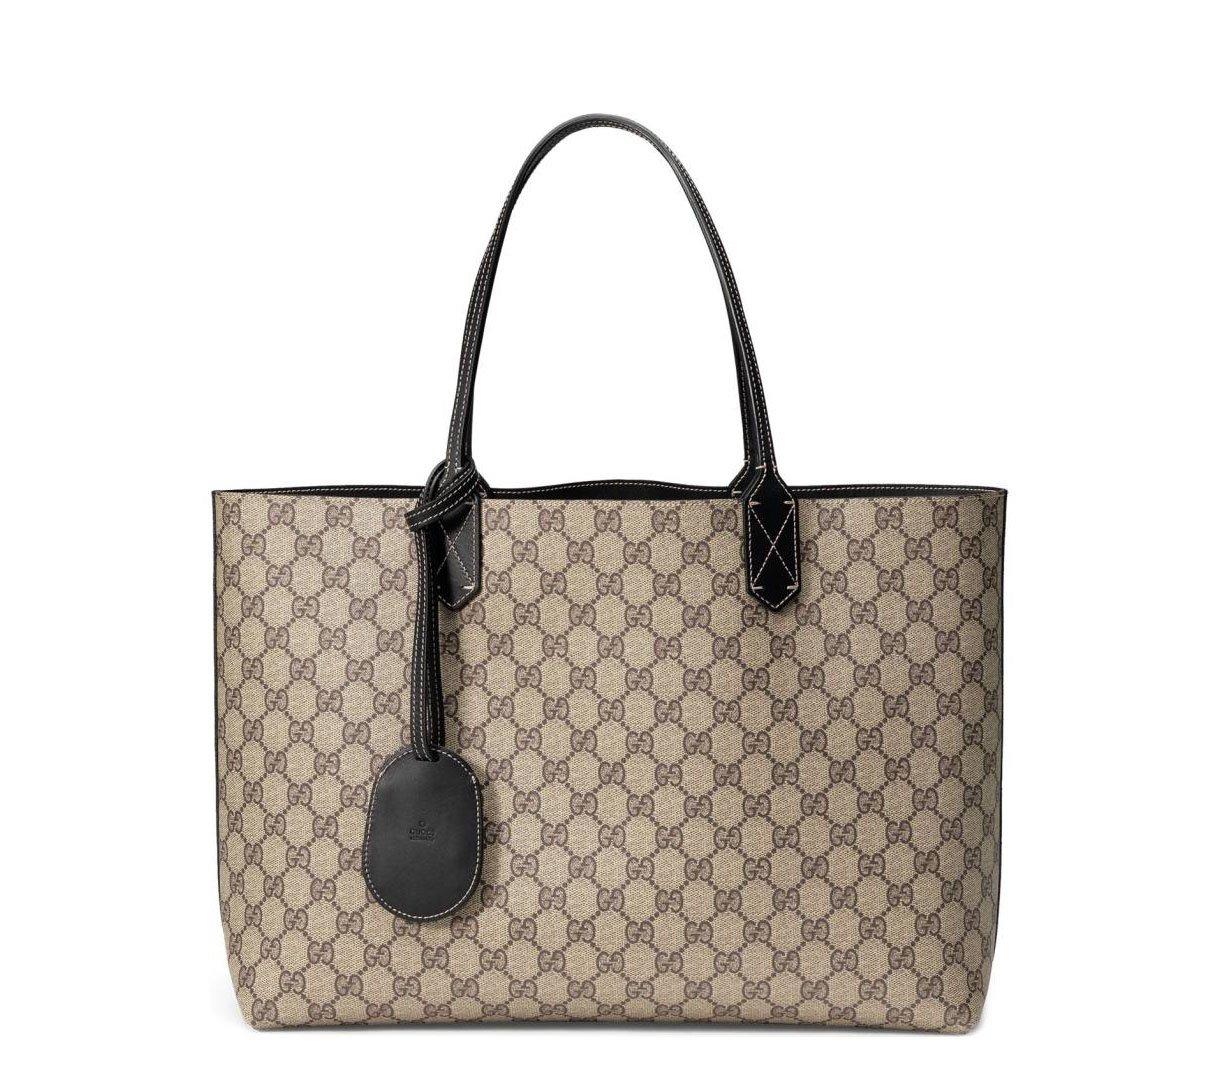 Gucci reversible GG tote